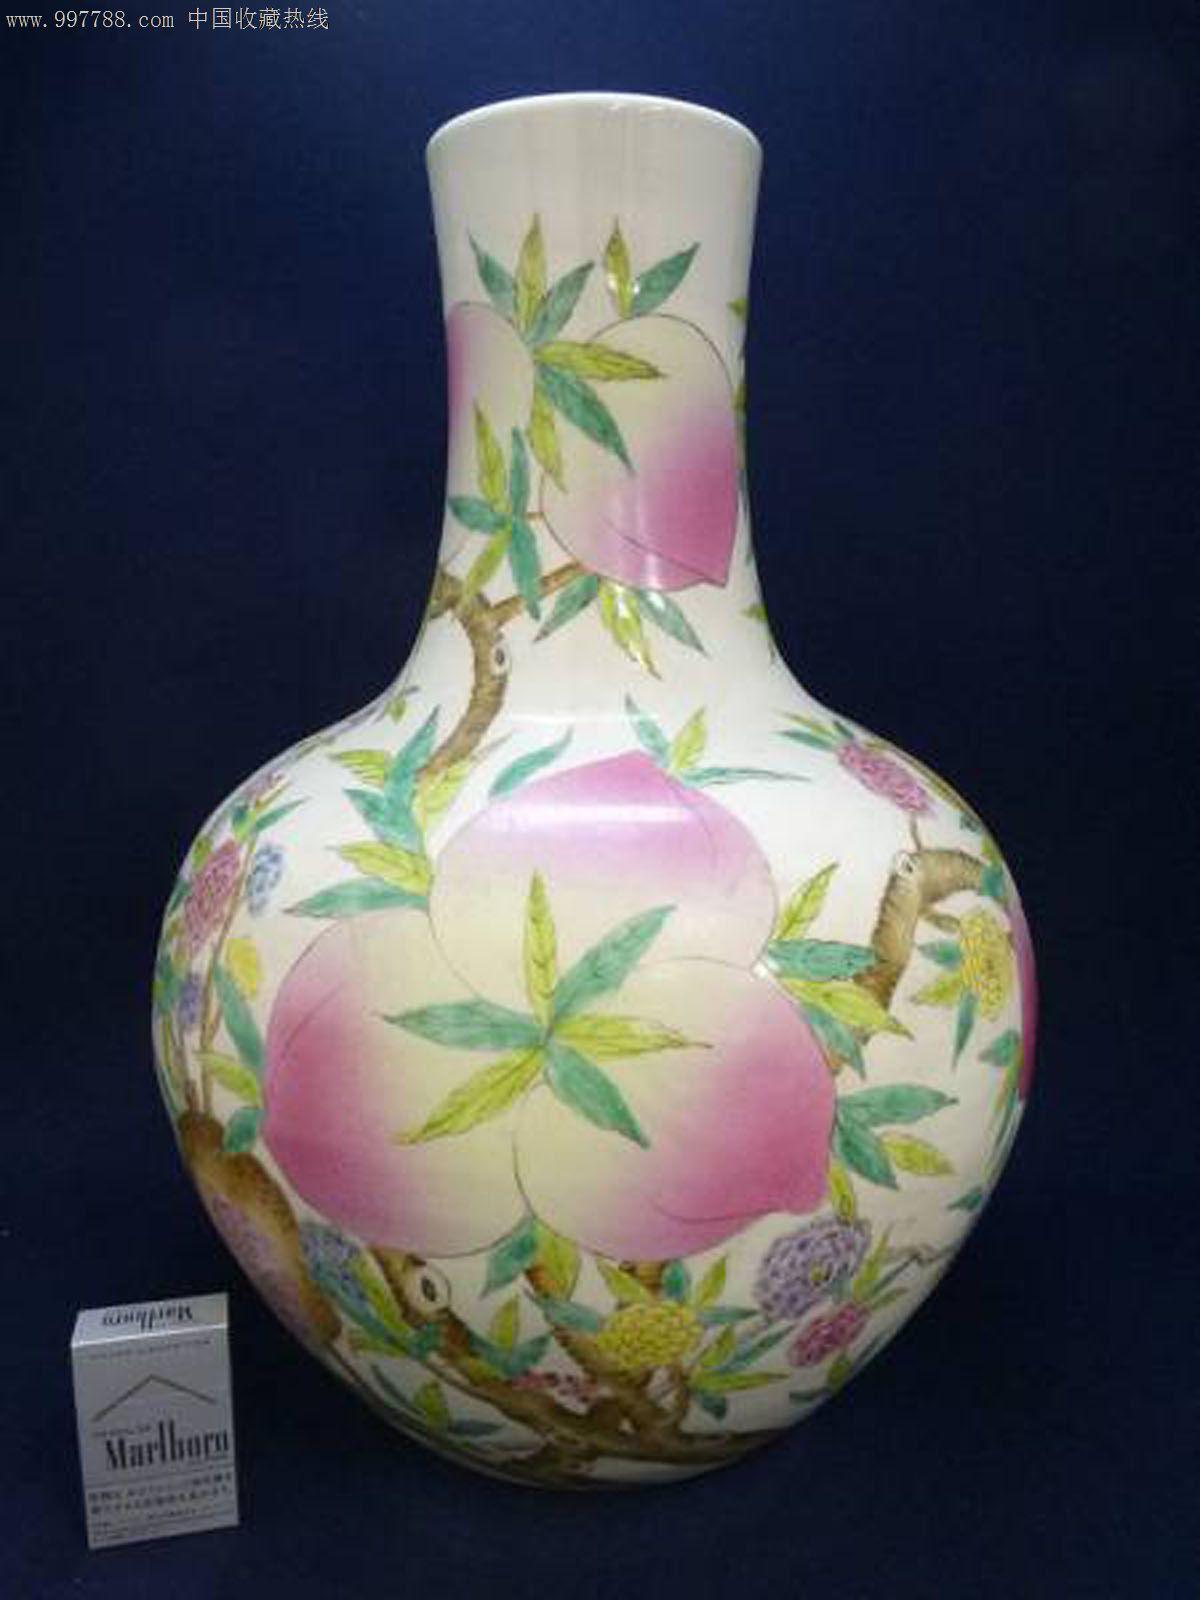 粉彩吉祥图案乾隆年制底款大球瓶石榴蝙蝠寿桃寓意多子多福多寿